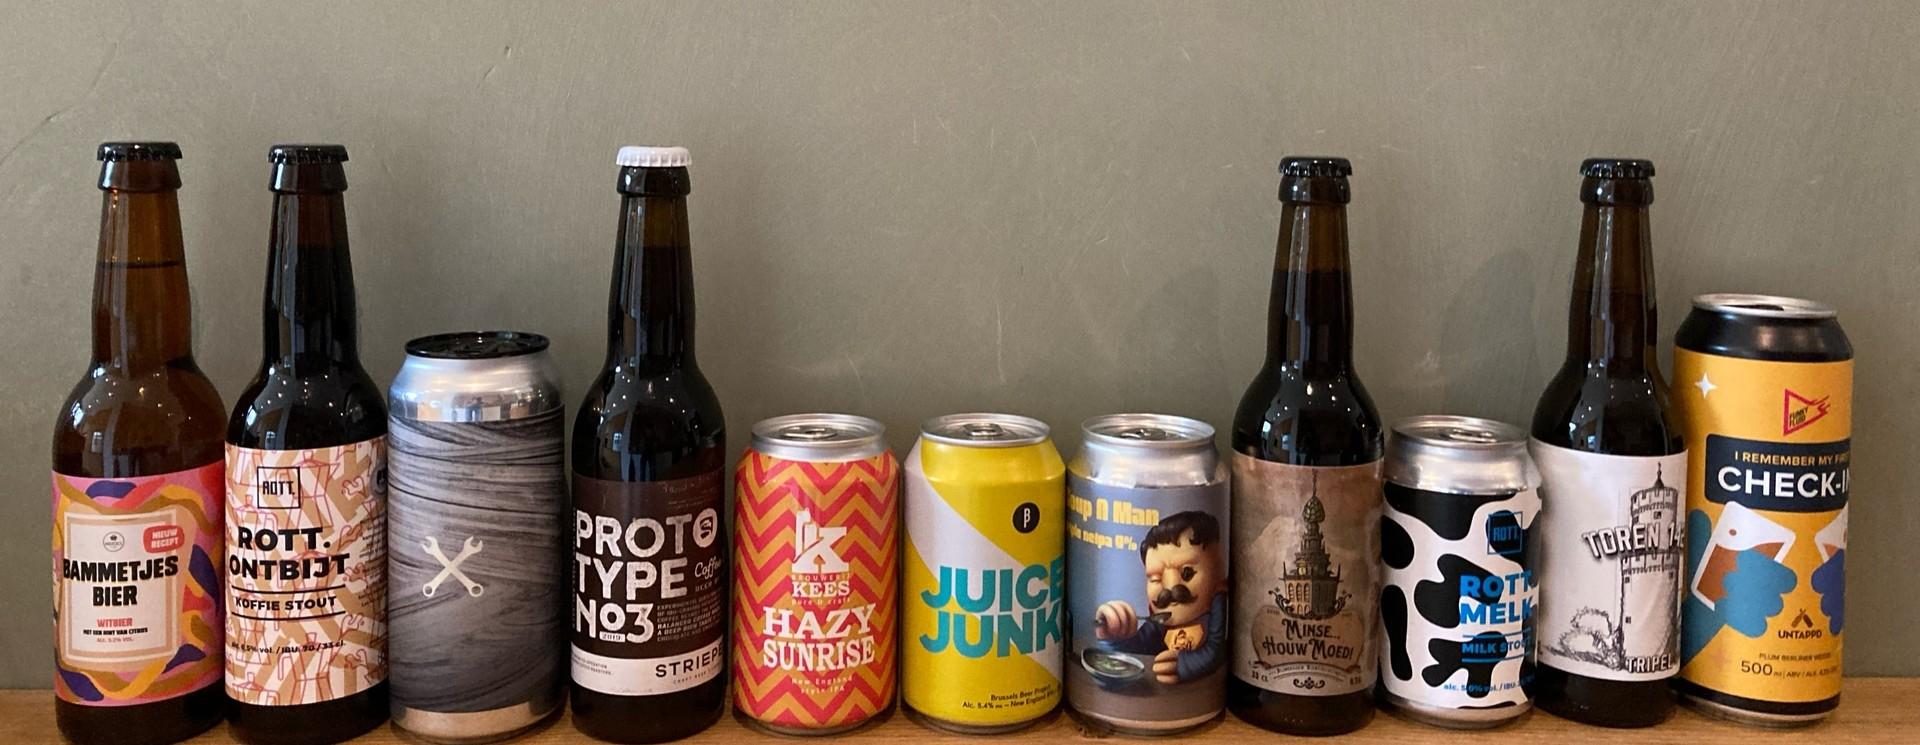 Op zoek naar een mooi bierpakket? Bekijk hieronder ons ruime assortiment speciaalbieren!